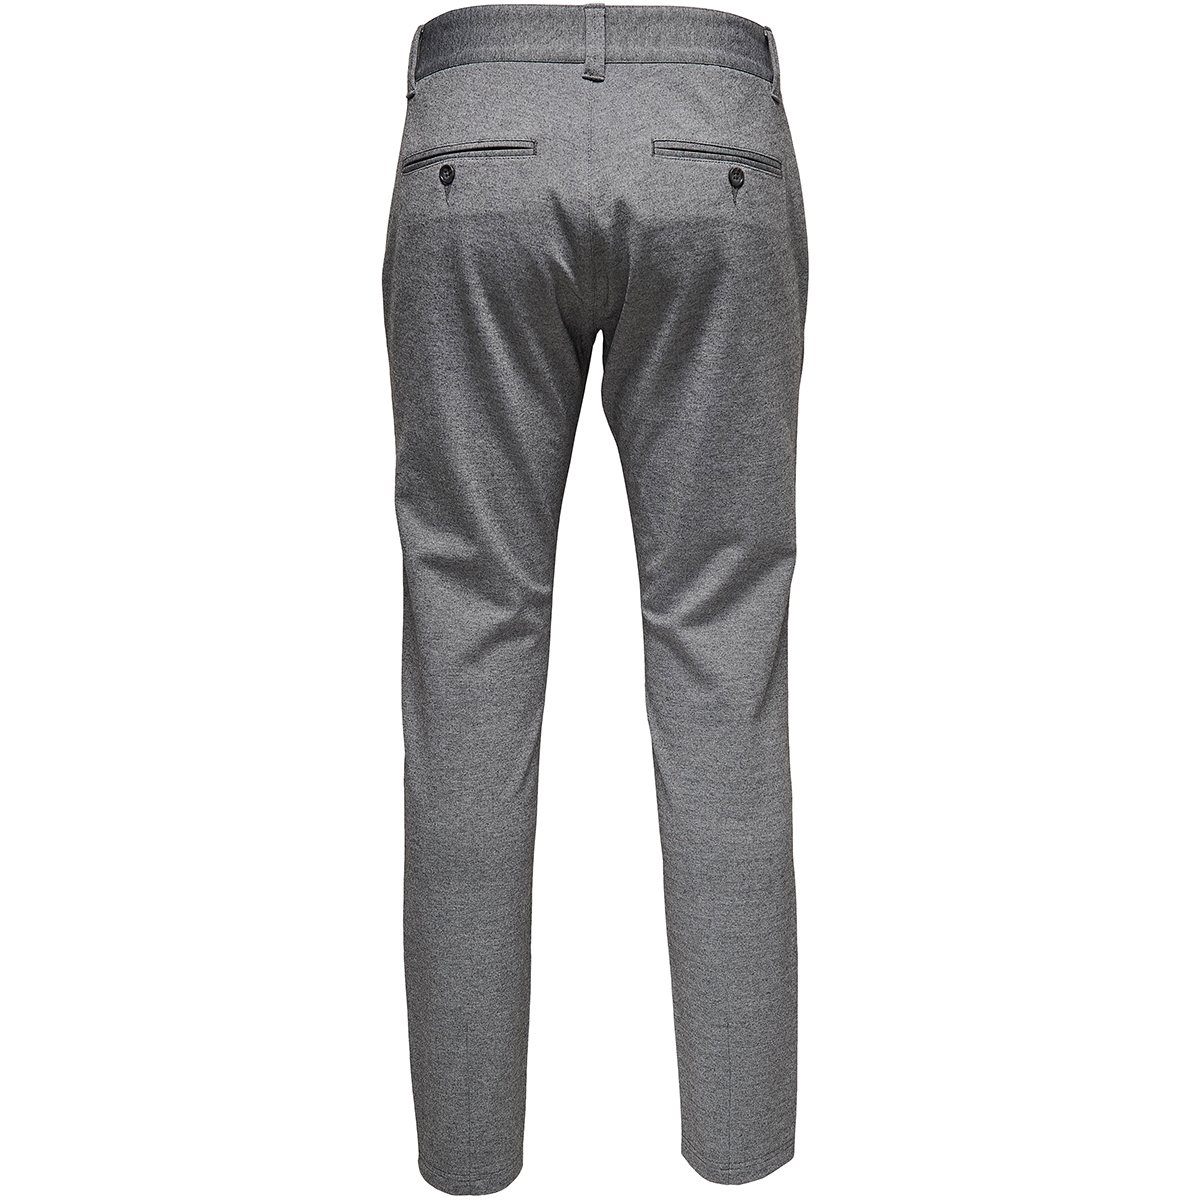 onsmark pant gw 0209 noos 22010209 only & sons broek medium grey melange